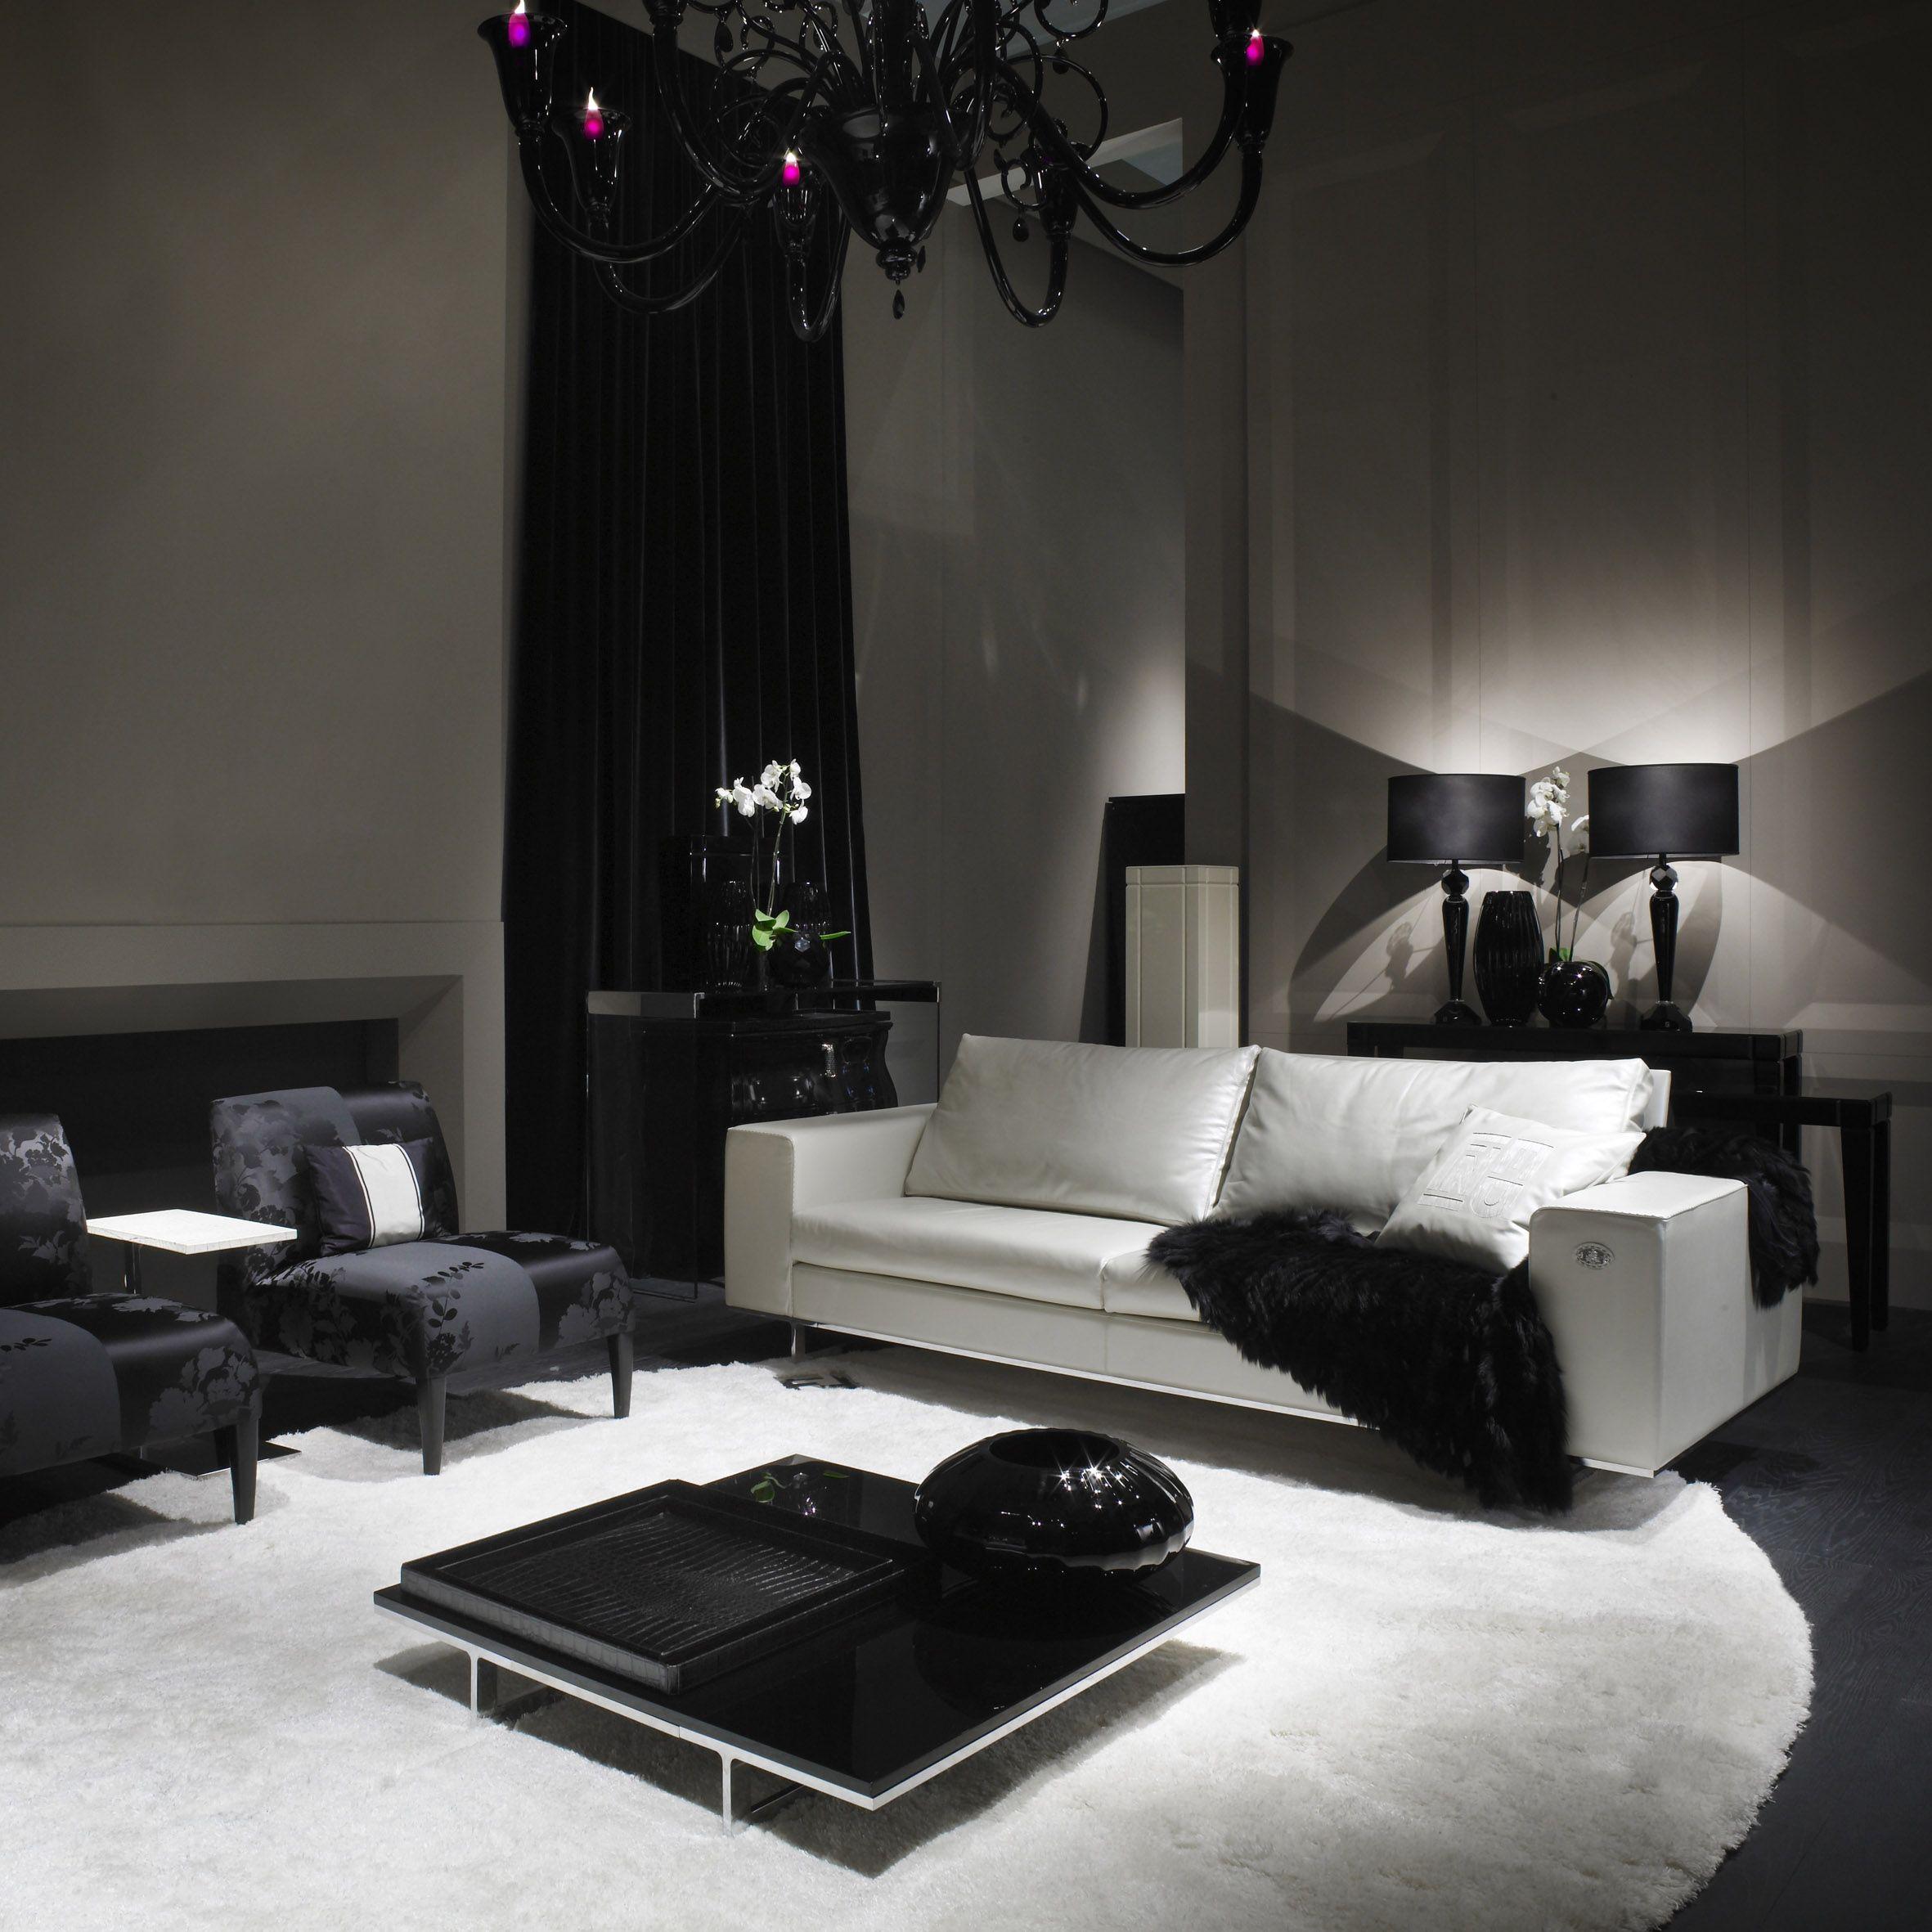 Home Decor, Living Room Designs